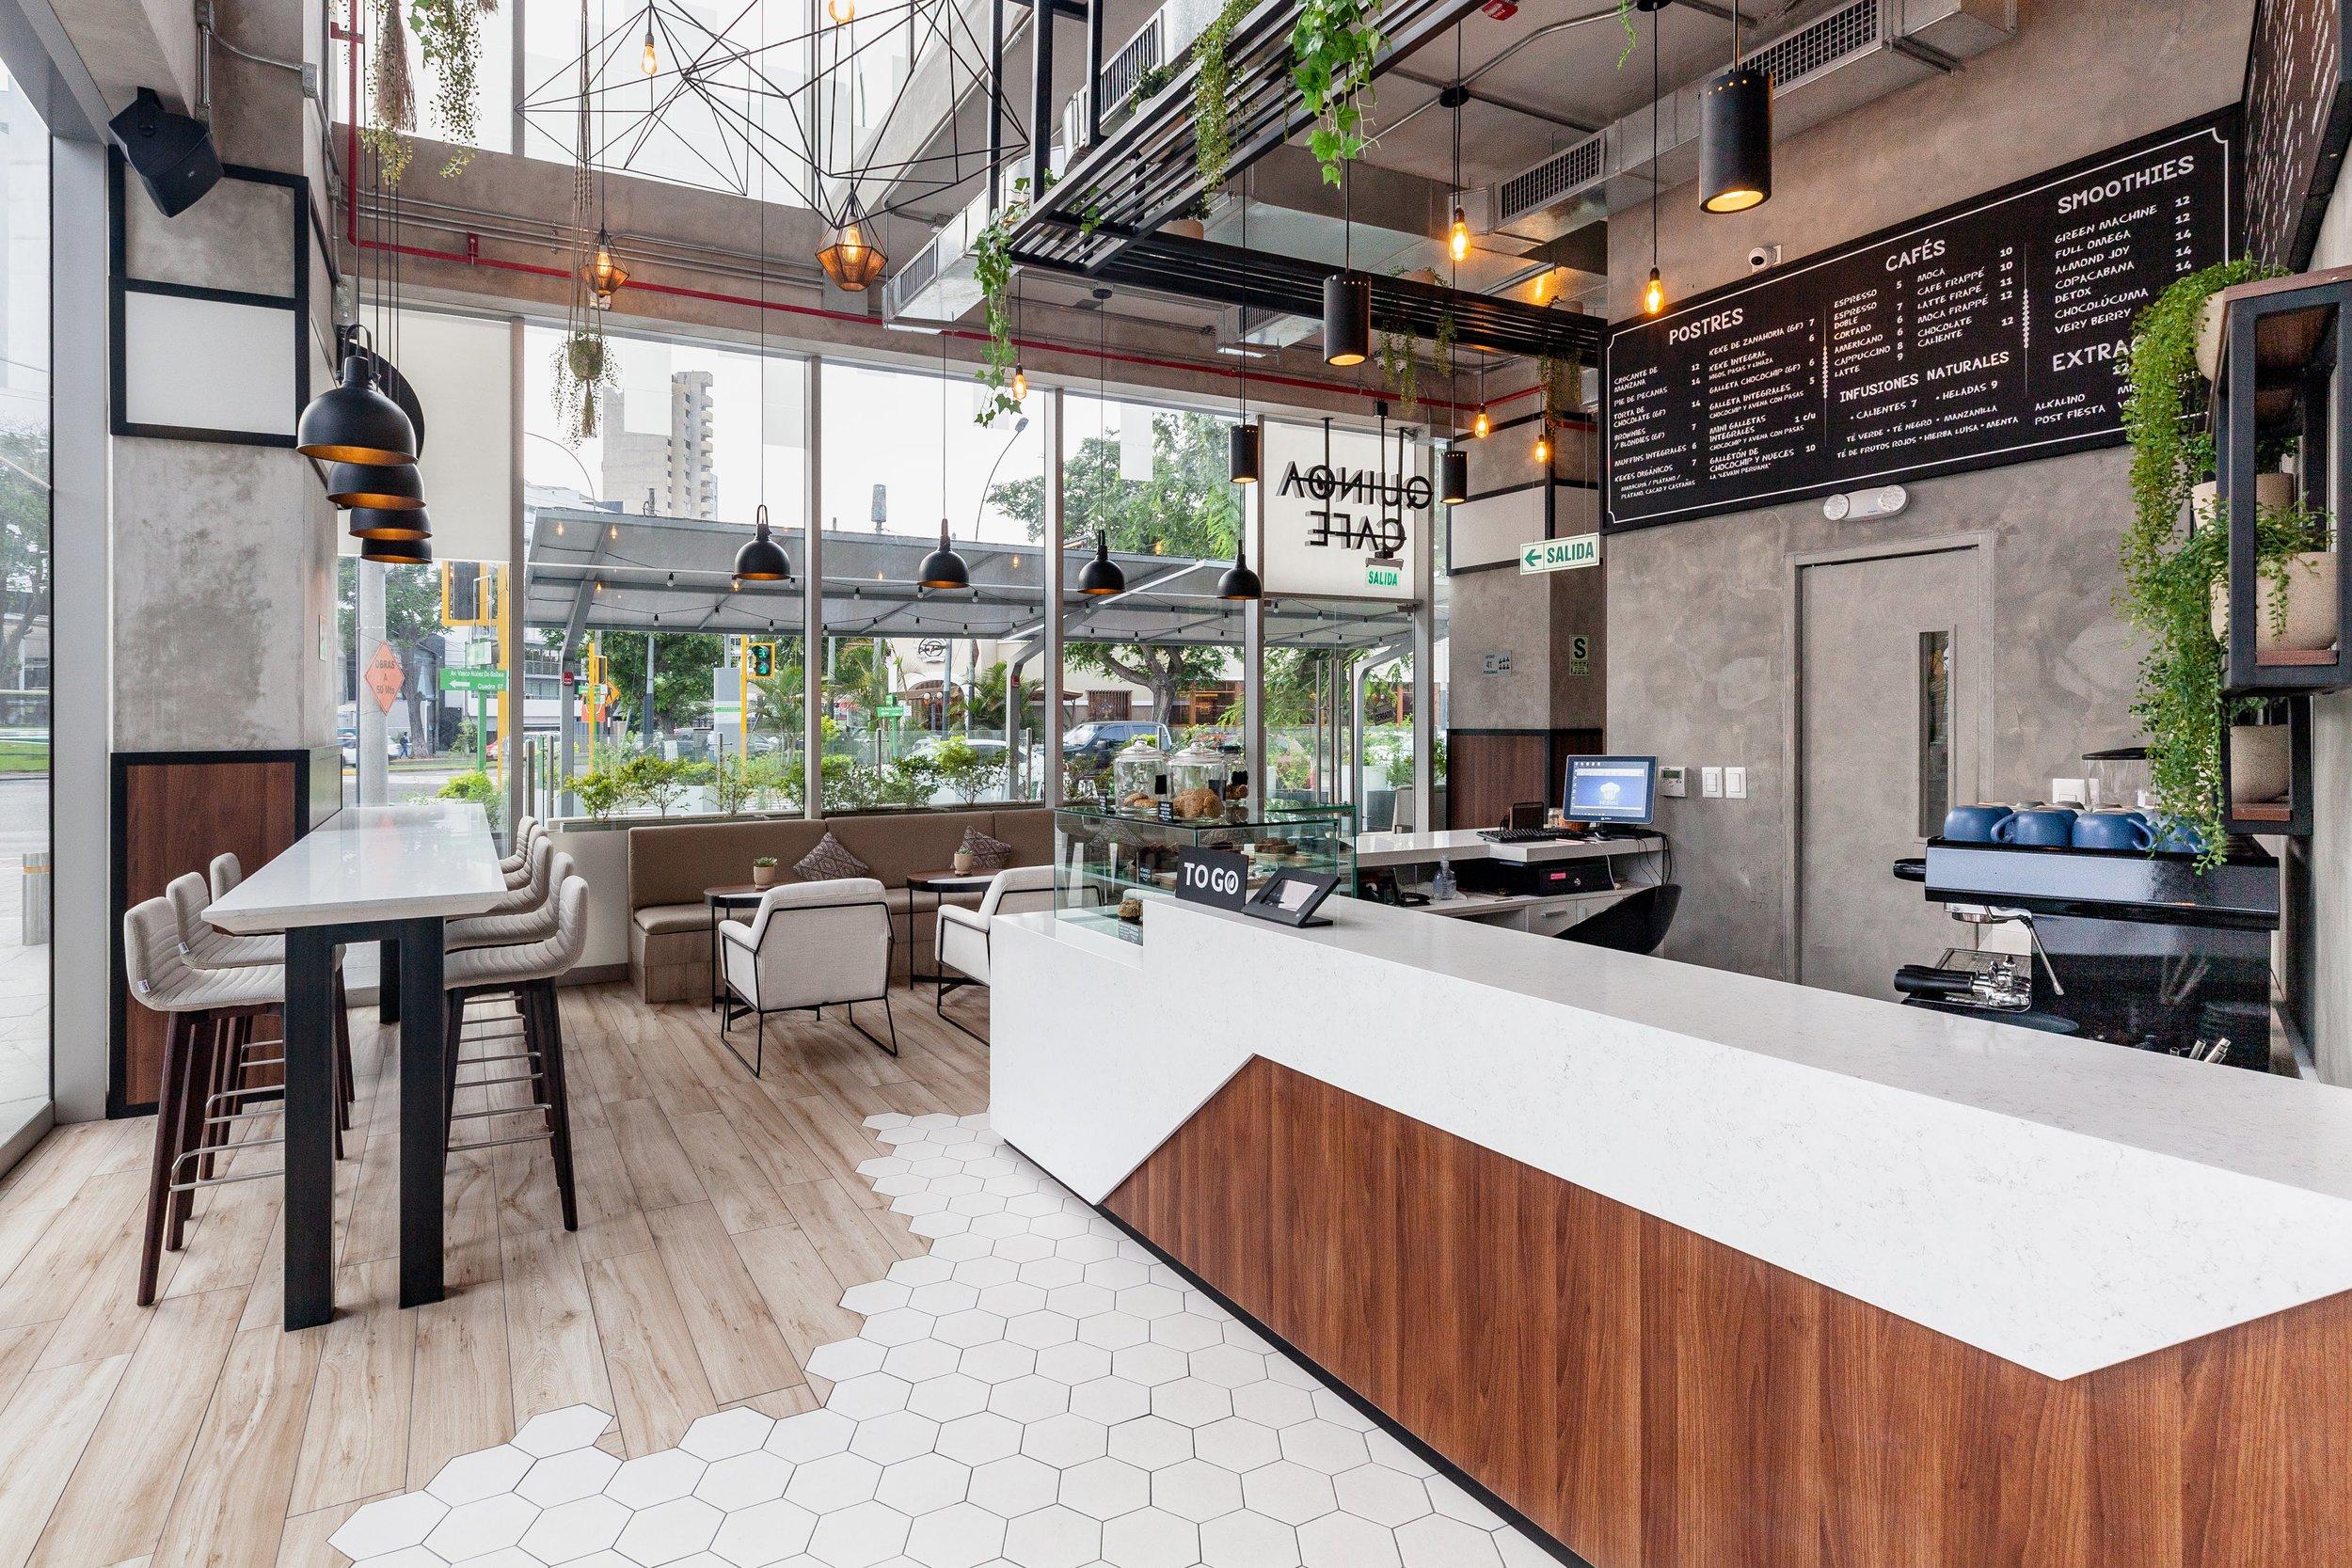 QUINOA CAFE 015.jpg